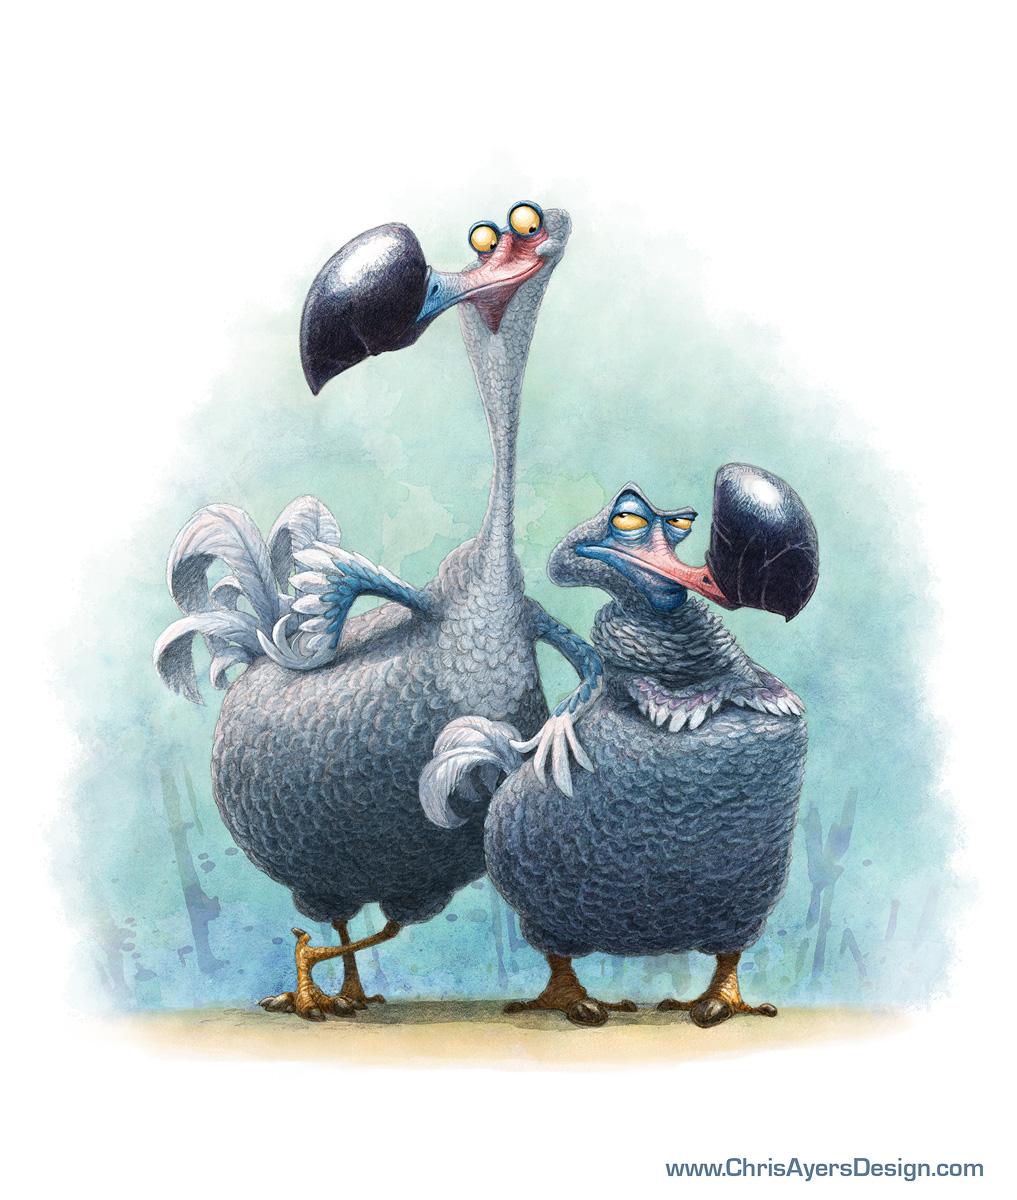 Day 2201 - The Smartest Dodos I Know